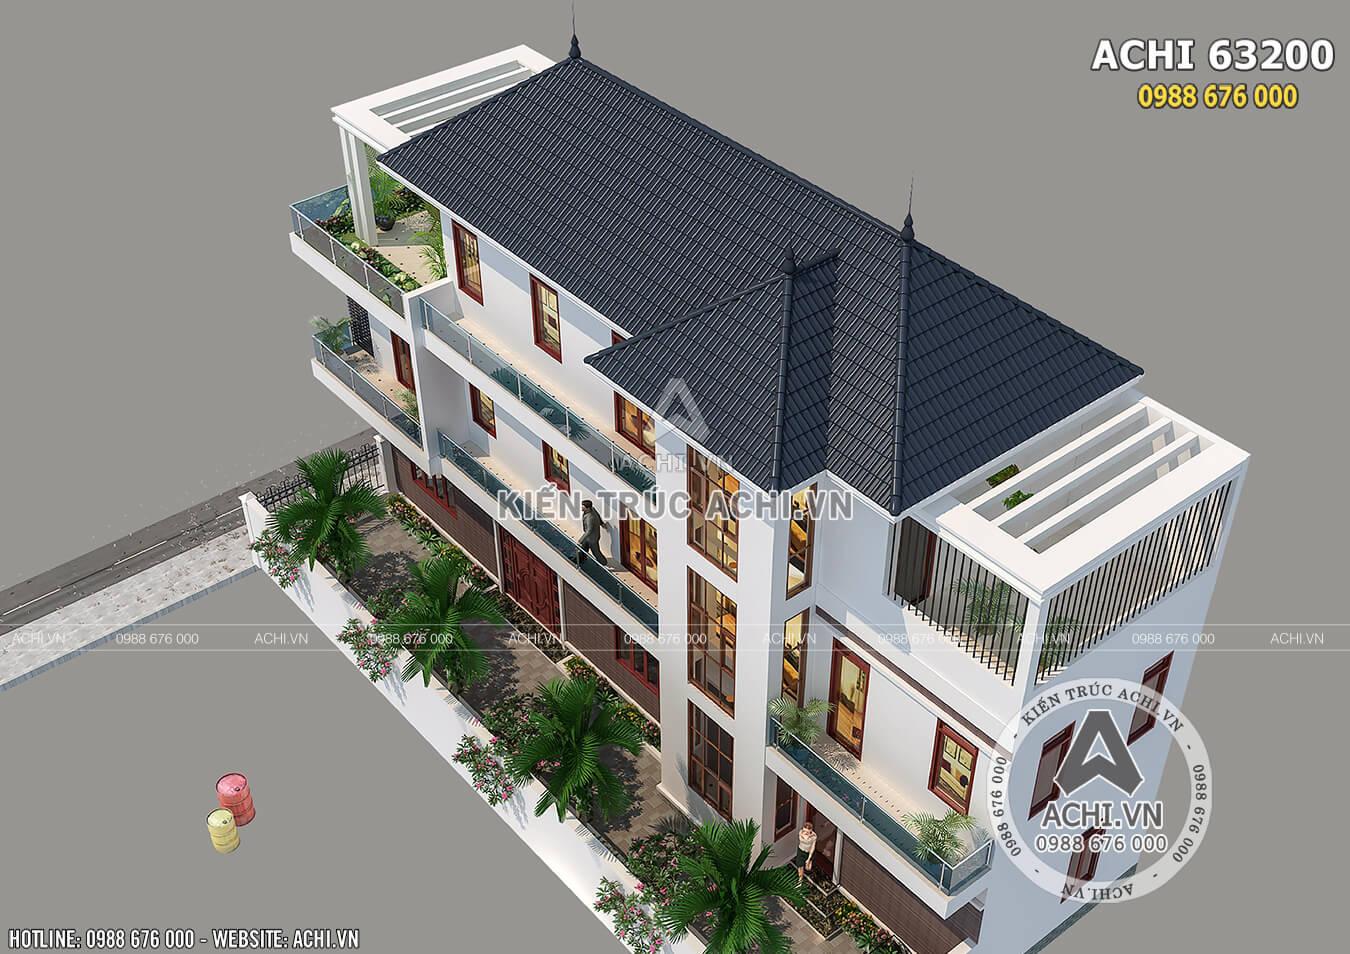 Mẫu biệt thự 3 tầng hiện đại mái Thái khi nhìn từ trên cao